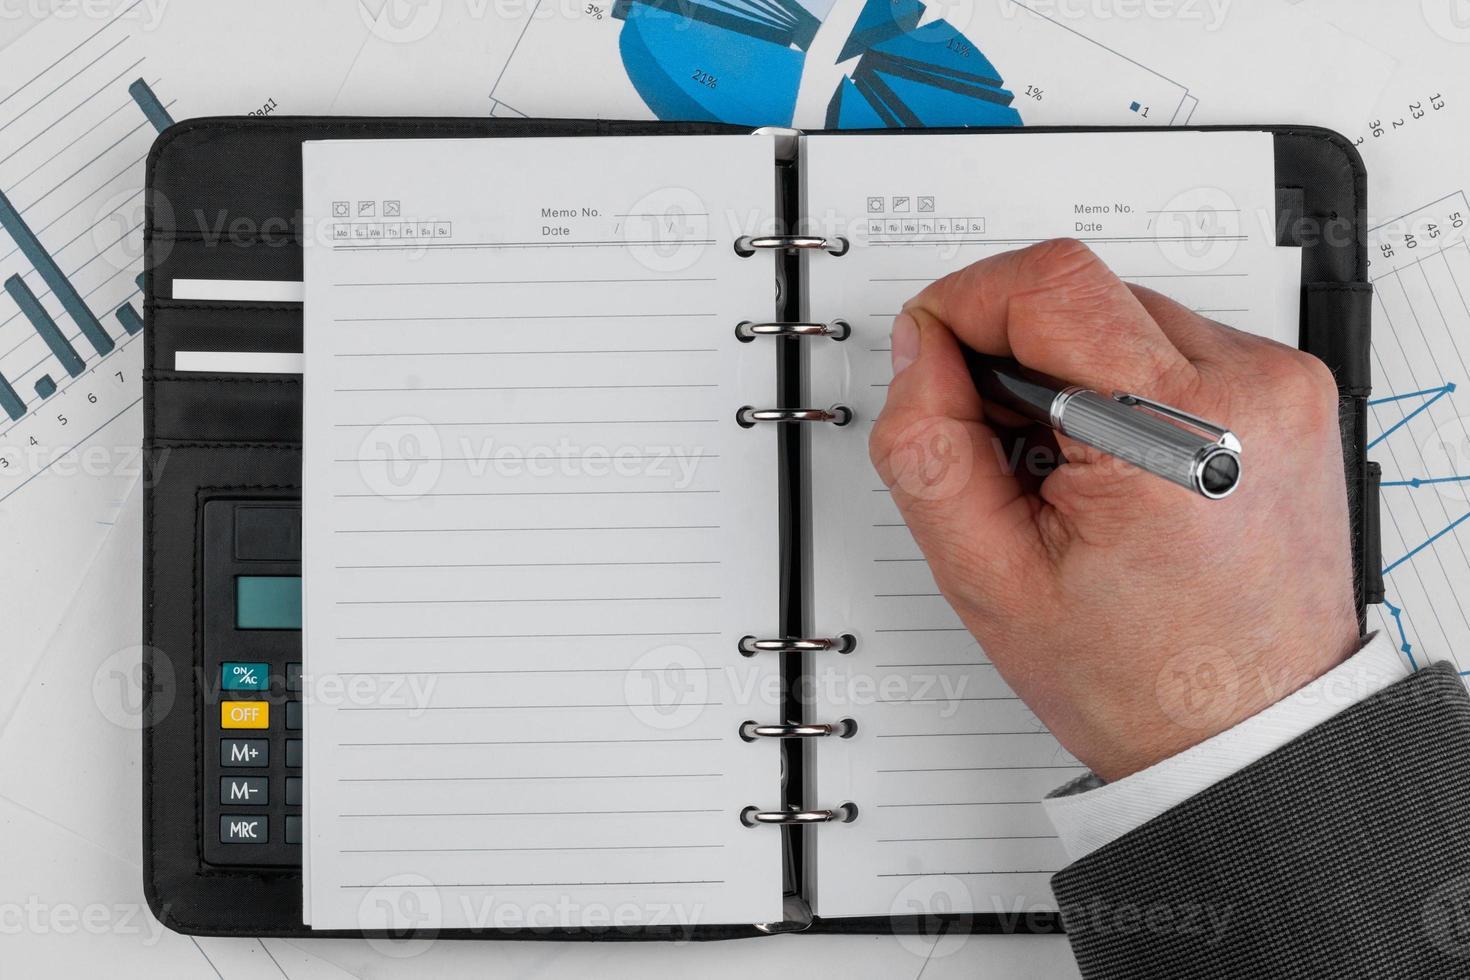 la mano scrive sulla pagina bianca in bianco del taccuino con la penna foto